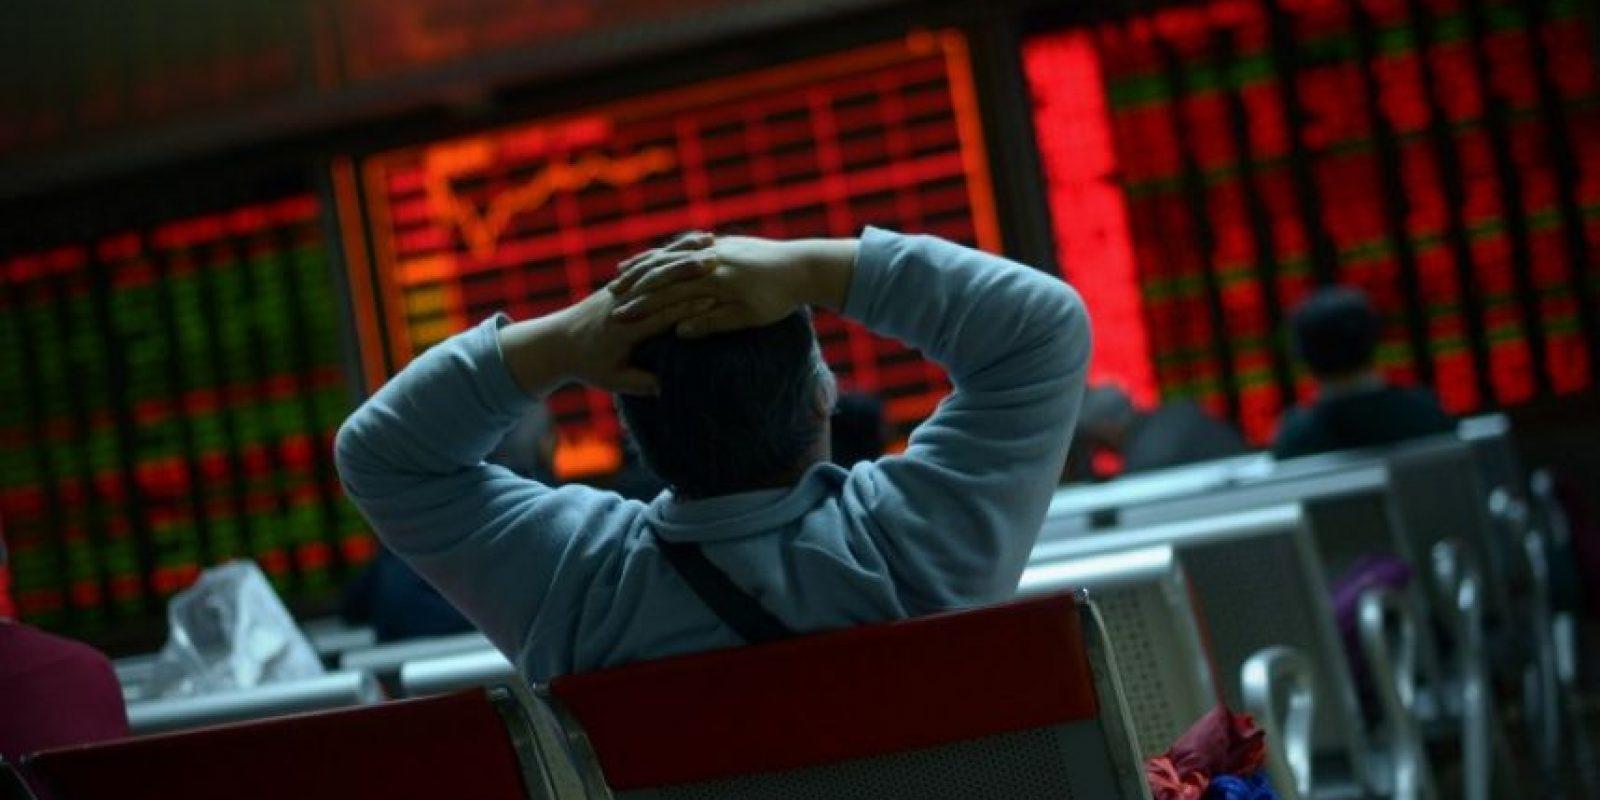 """También, el pasado jueves cayó la bolsa de China, lo que derivó en el primer """"Jueves Negro"""" del 2016 en los mercados bursátiles Foto:AFP. Imagen Por:"""